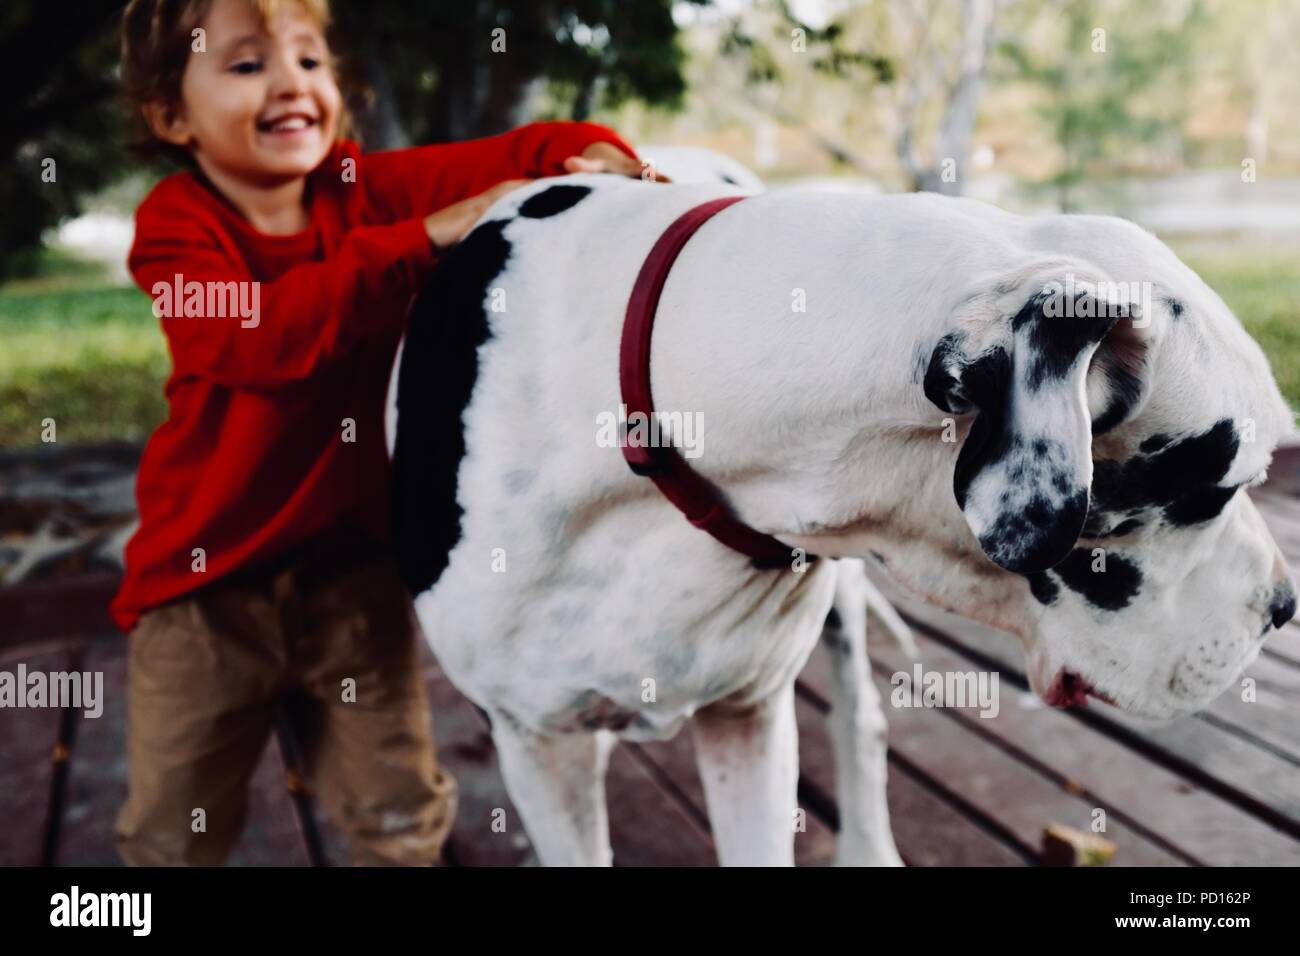 Une jeune fille de câlins et de sourires avec un blanc et noir chien dogue allemand, Booroona sur le sentier pédestre de Ross River, Rasmussen, 4815 Australie QLD Photo Stock